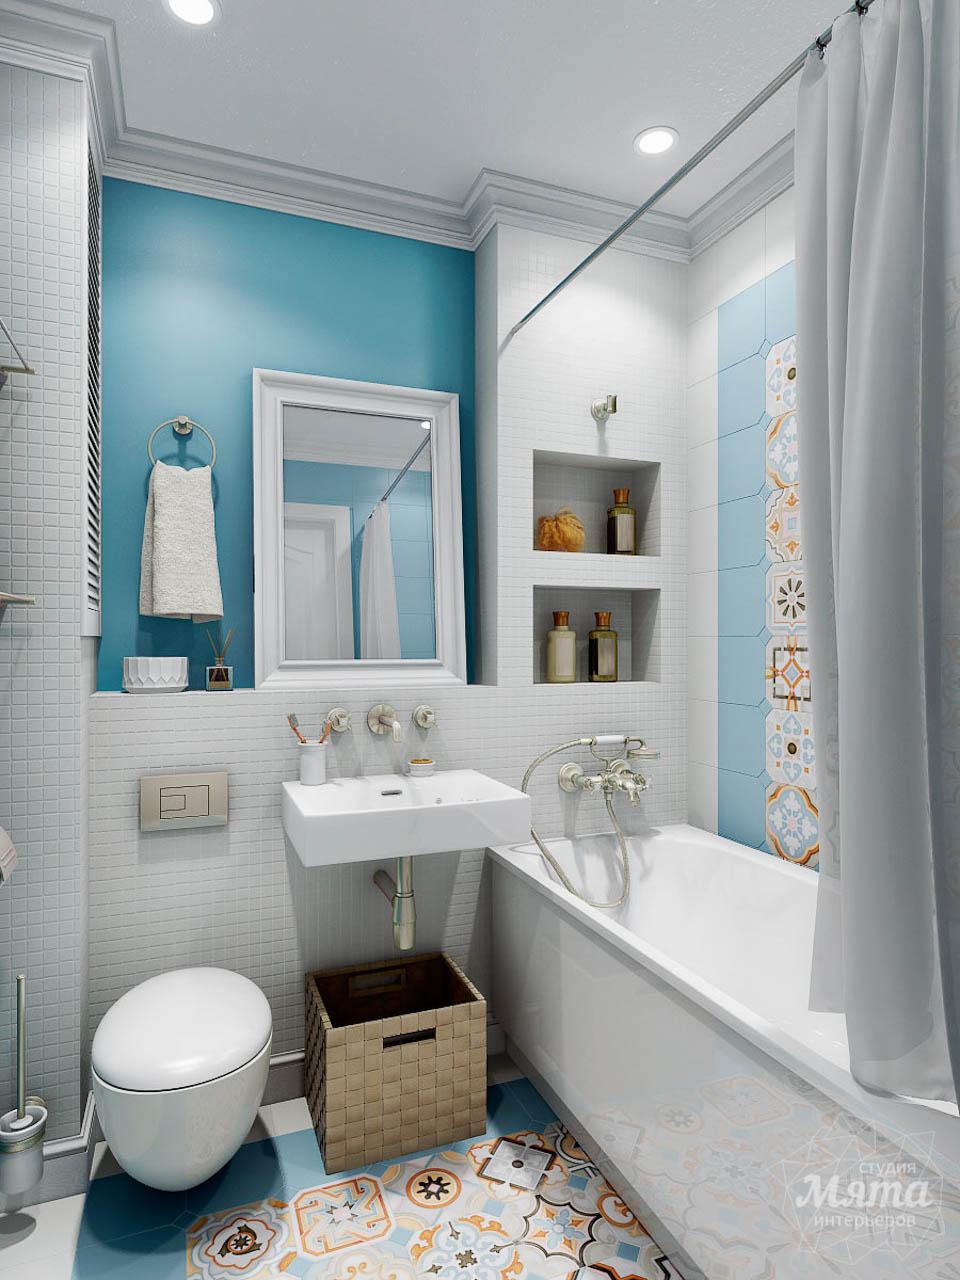 Дизайн интерьера однокомнатной квартиры по ул. Мичурина 231 img1697677802